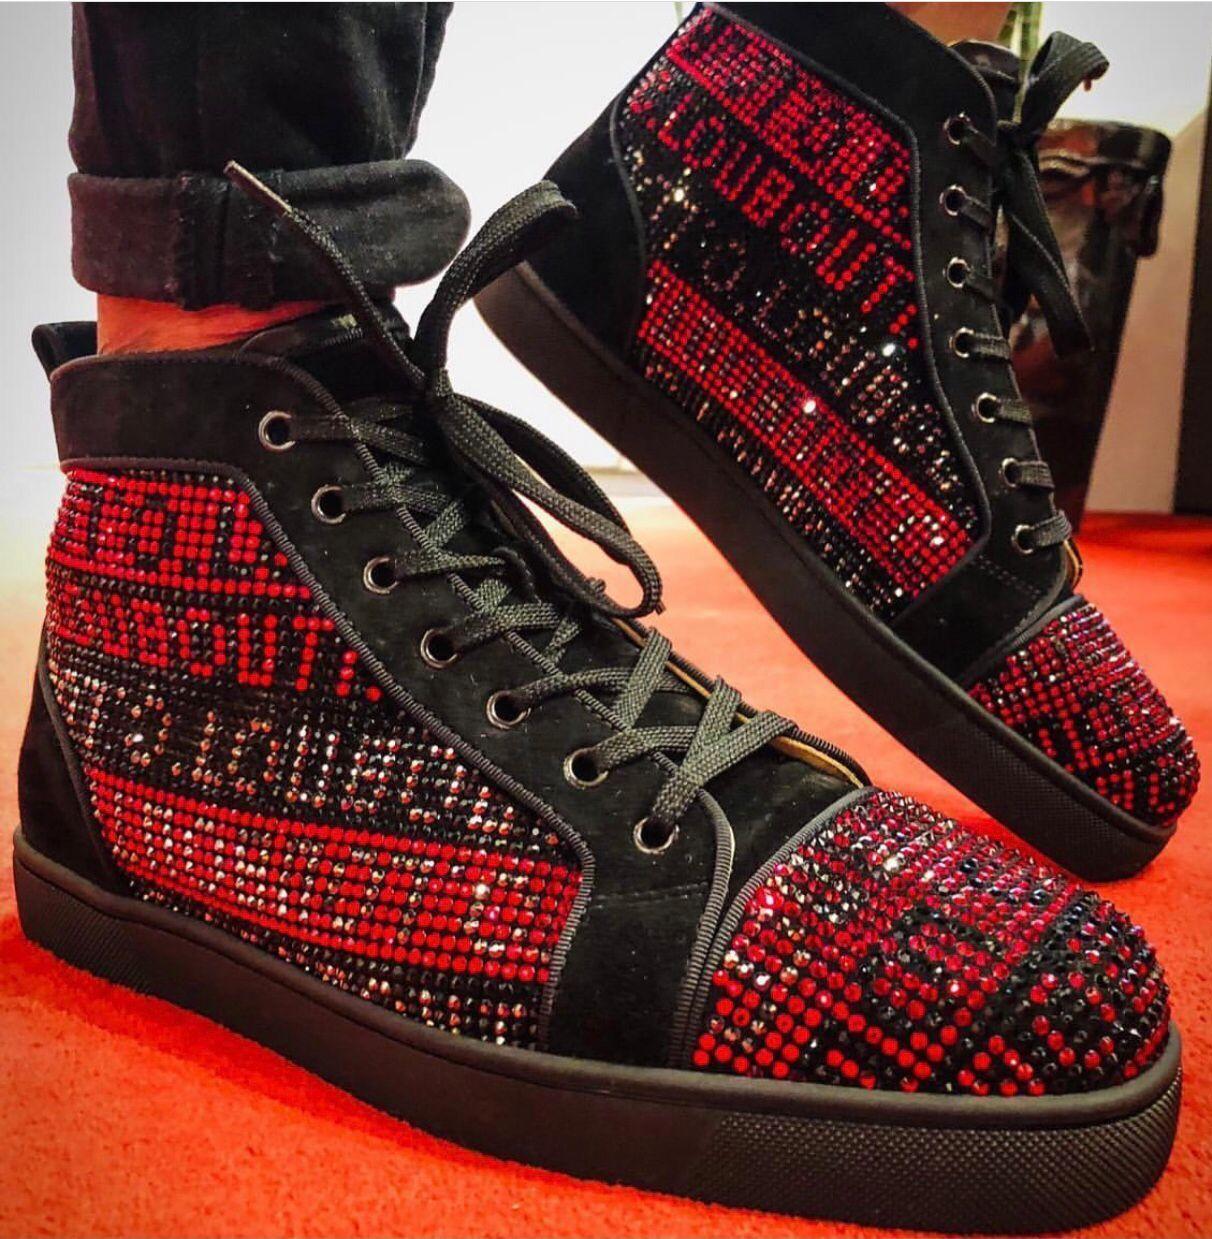 Moda Lüks T.S.Q Sneaker Flats erkek Kadınlar Yüksek Üst Kırmızı Alt Sneaker Konfor Kaykay Casual Ayakkabı Parti Düğün Kutusu Ile